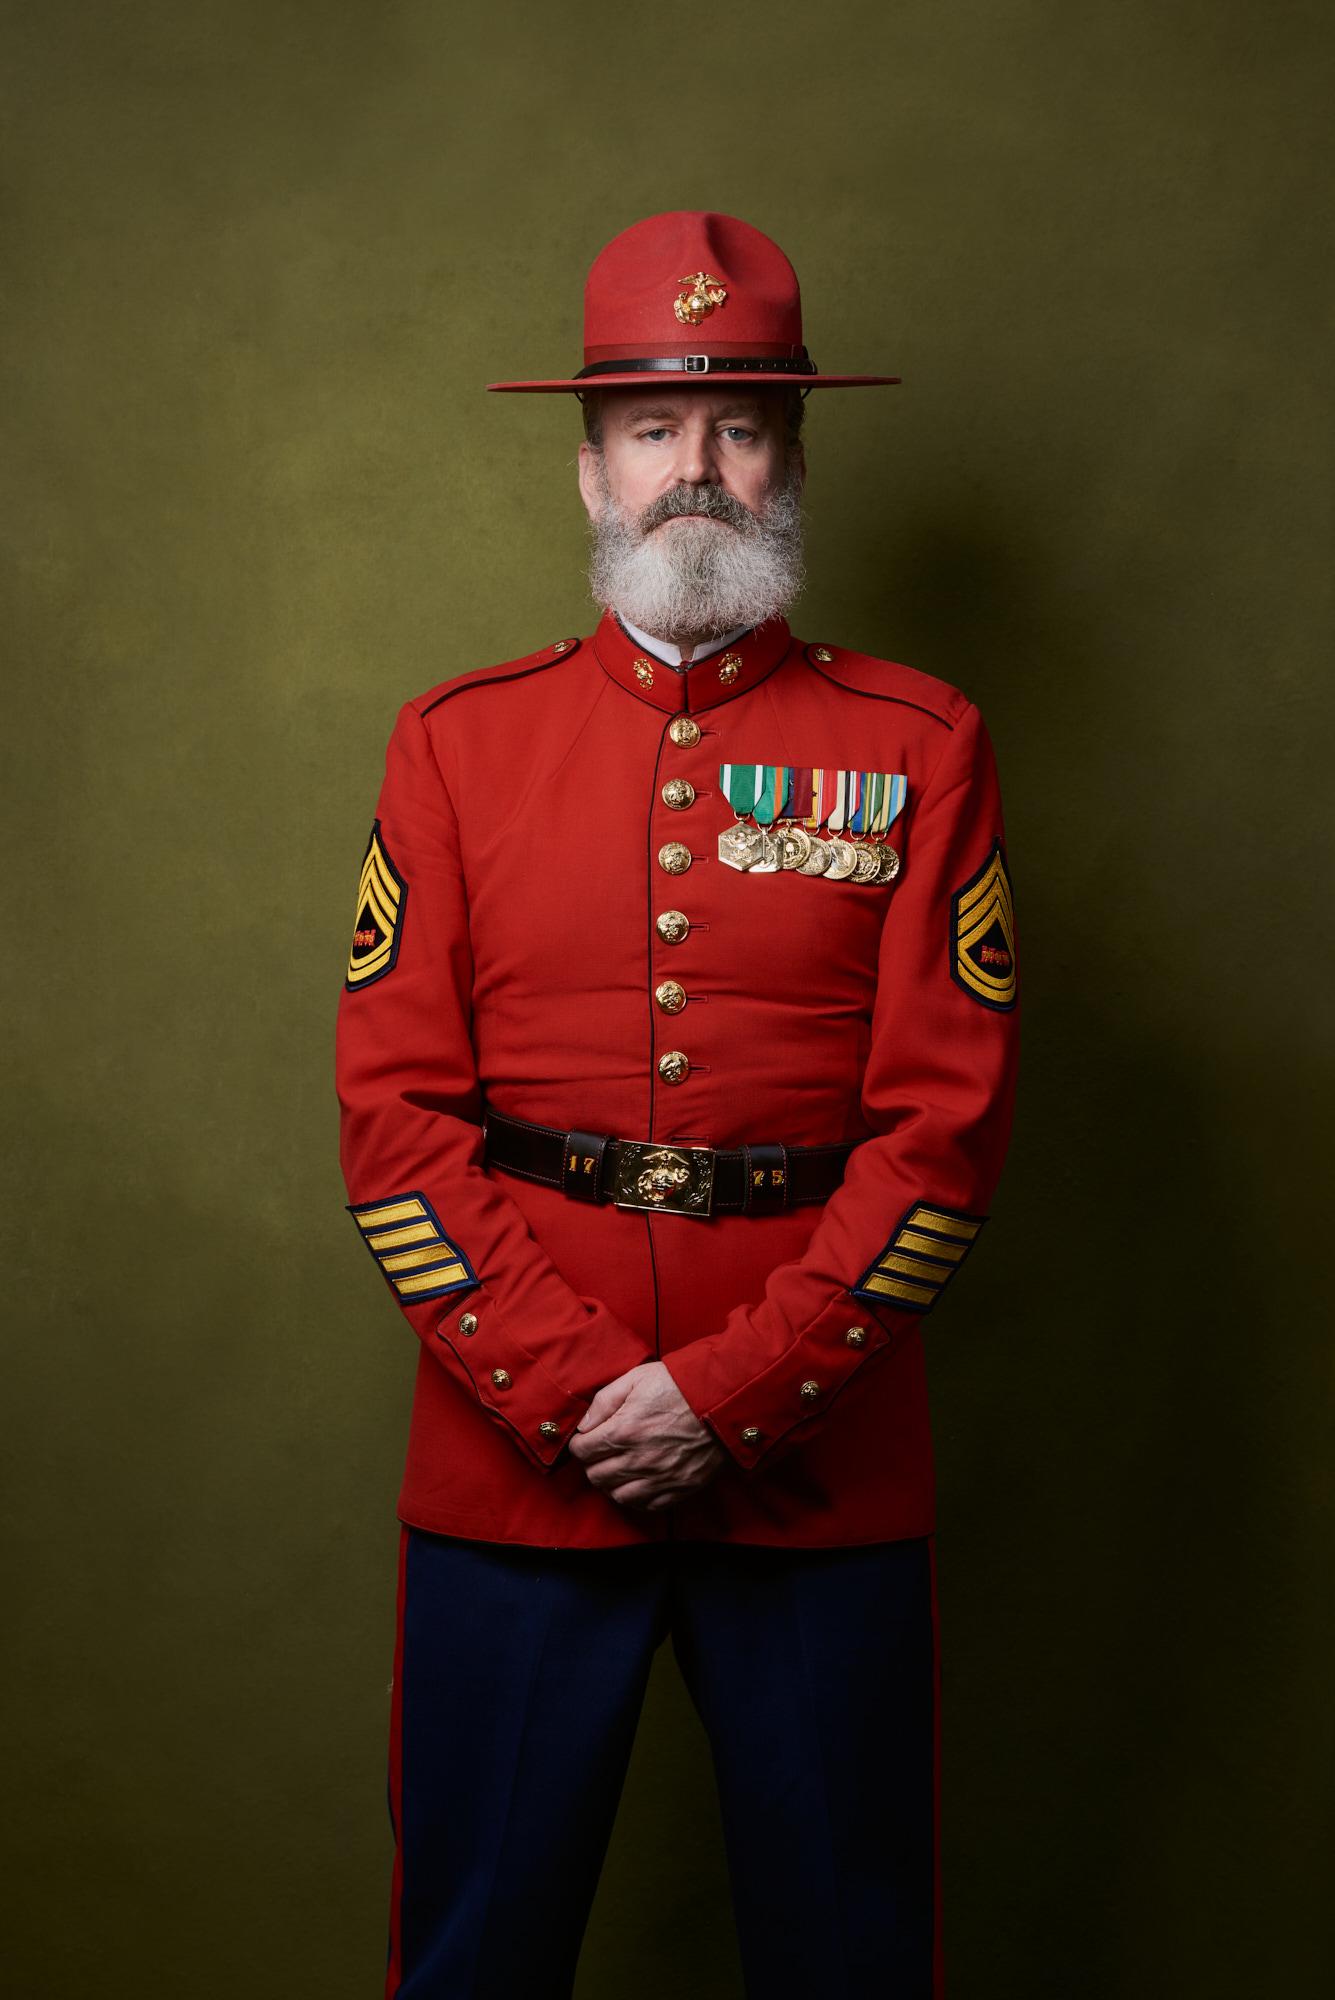 Gunnery Sergeant Robert Porter